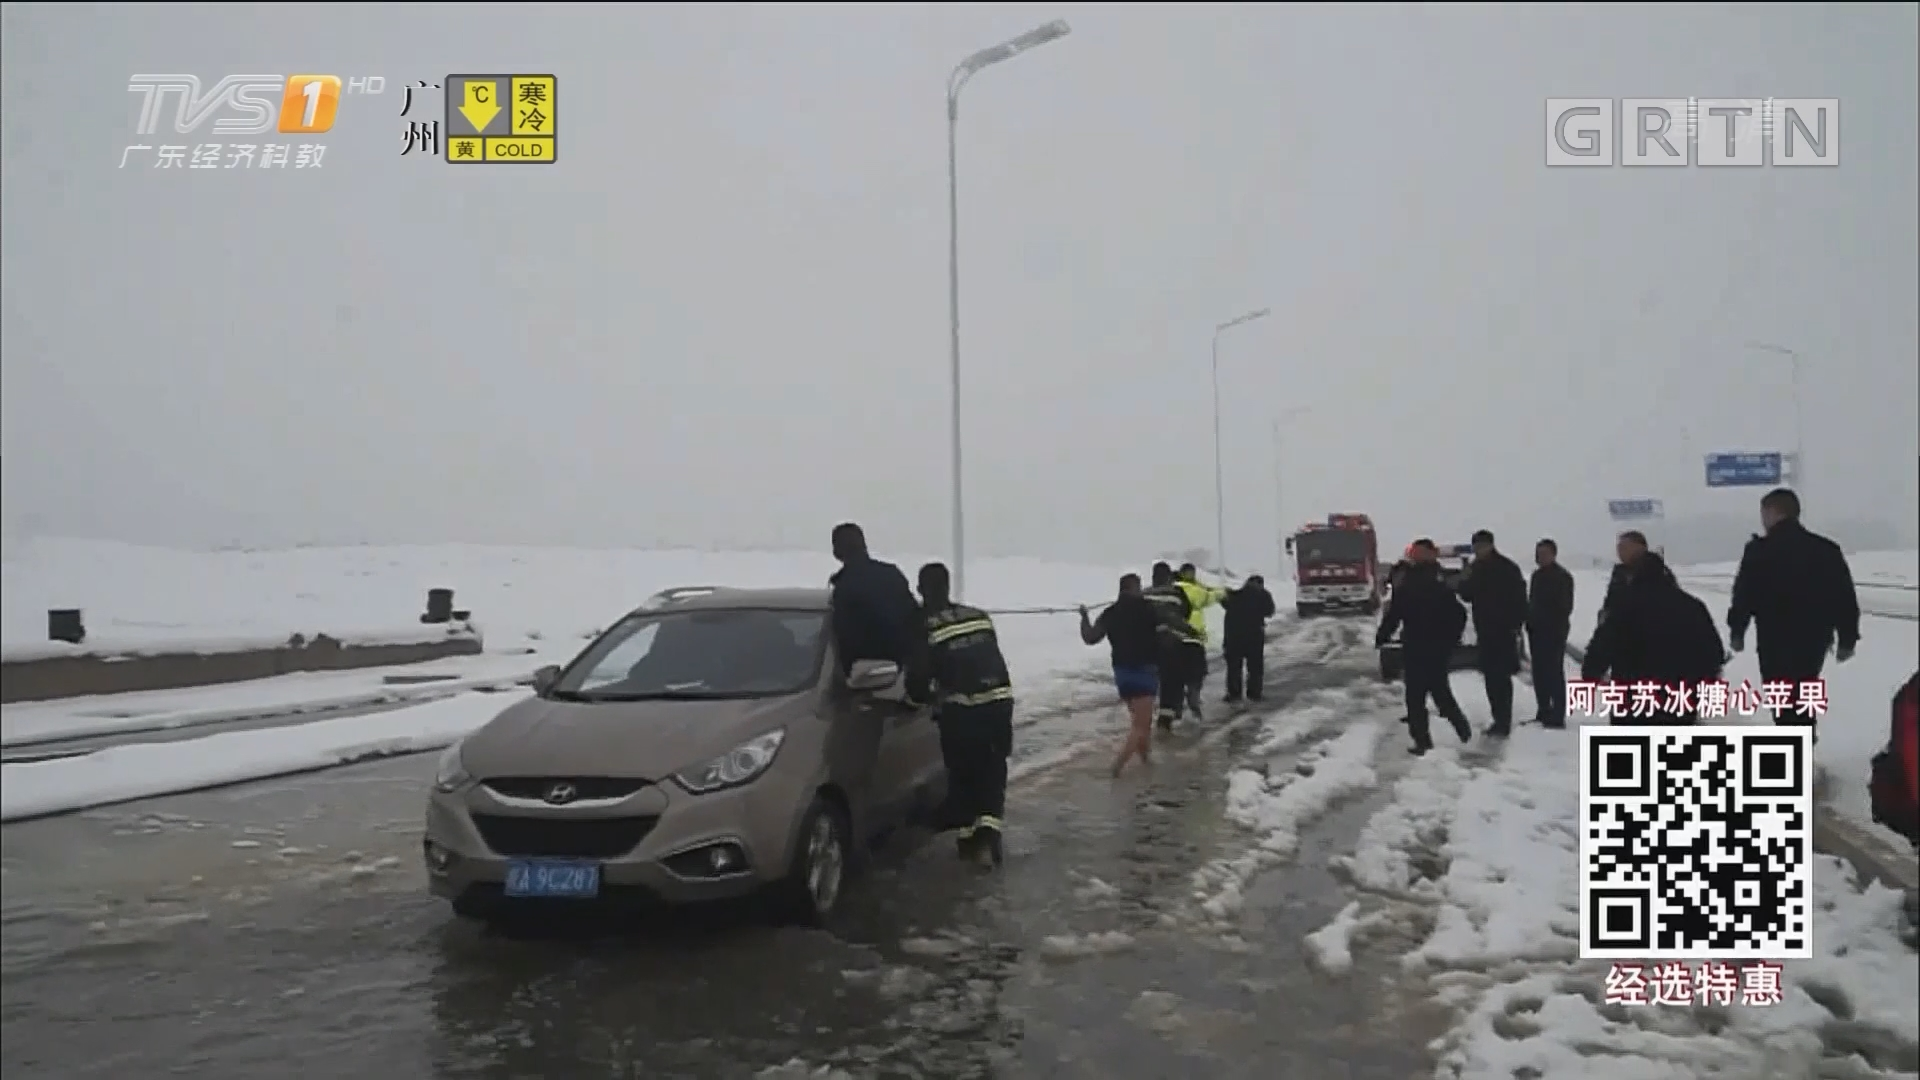 温暖!五旬辅警冰水中救出四名被困人员